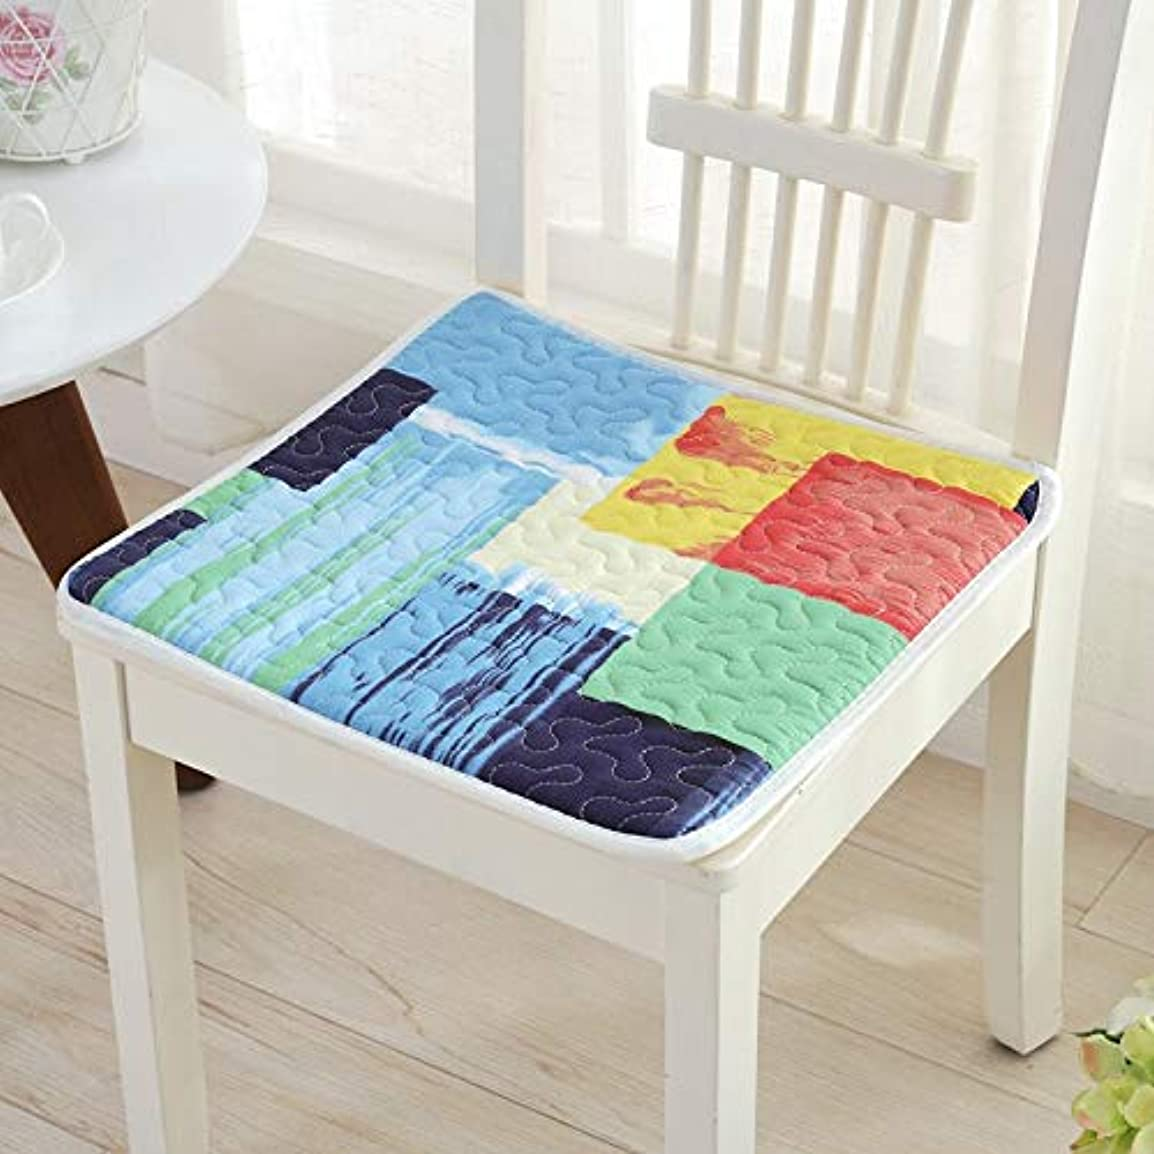 伝染性の遠足移植LIFE 現代スーパーソフト椅子クッション非スリップシートクッションマットソファホームデコレーションバッククッションチェアパッド 40*40/45*45/50*50 センチメートル クッション 椅子